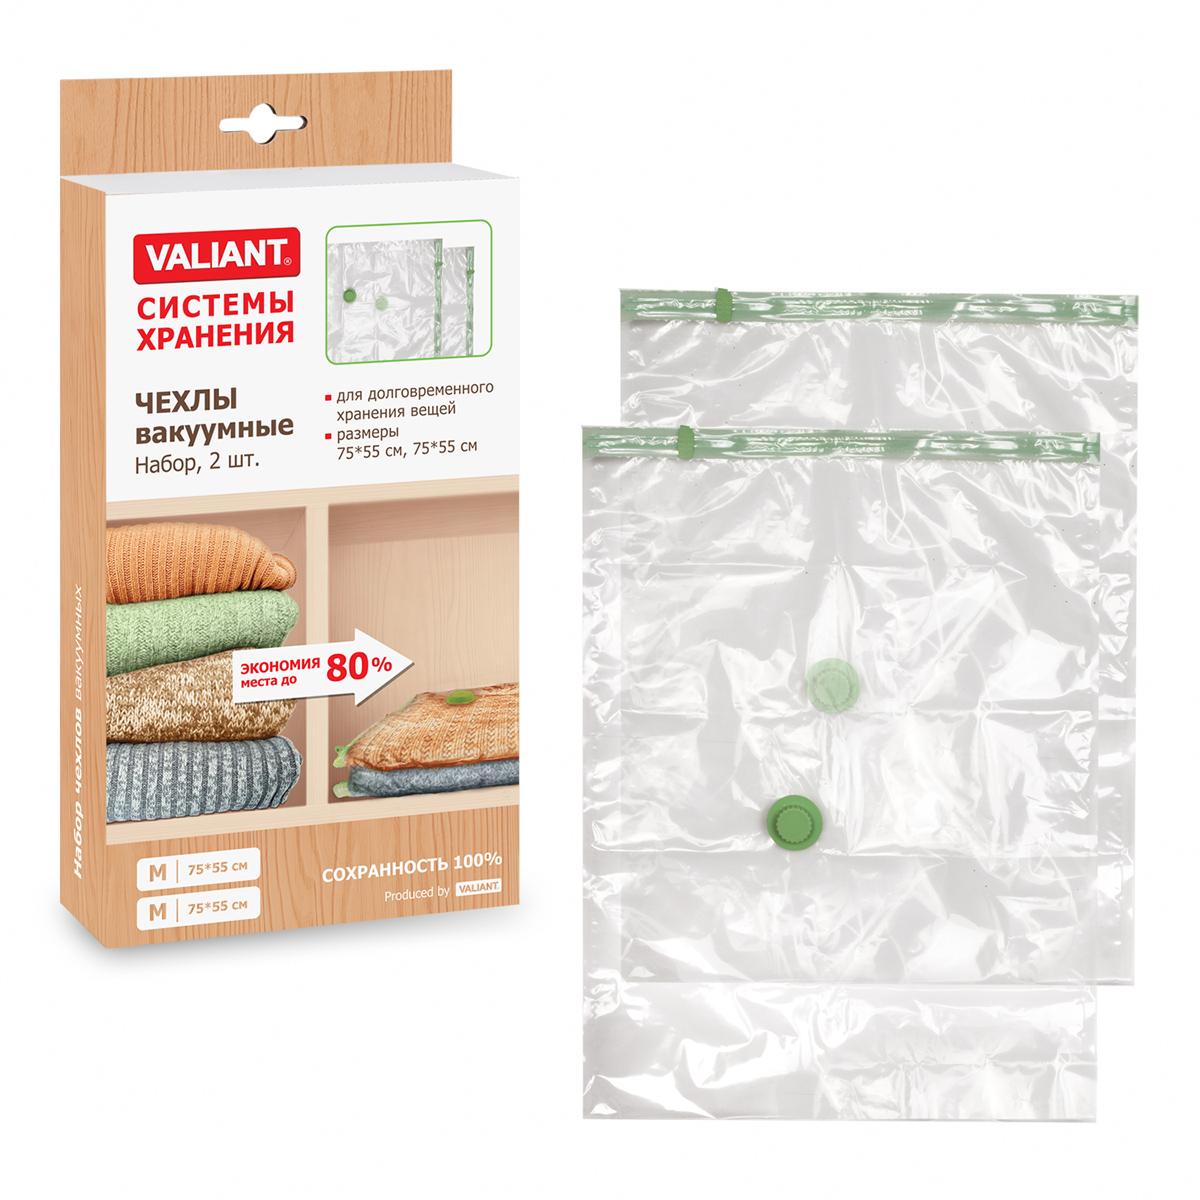 Чехлы вакуумные Valiant, 75 х 55 см, 2 штSS75Вакуумные чехлы Valiant предназначены для долговременного хранения вещей. Они отлично защитят вашу одежду от пыли и других загрязнений, а также помогут надолго сохранить ее безупречный вид. Чехлы изготовлены из высококачественных полимерных материалов. Достоинства чехлов Valiant: - вещи сжимаются в объеме на 80%, полностью сохраняя свое качество; - вещи можно хранить в течение целого сезона (осенью и зимой - летний гардероб, летом - зимние свитера, шарфы, теплые одеяла); - надежная защита вещей от любых повреждений - влаги, пыли, пятен, плесени, моли и других насекомых, а также от обесцвечивания, запахов и бактерий; - откачать воздух можно как ручным насосом, так и любым стандартным пылесосом (отверстие клапана 27 мм). Комплектация: 2 шт. Размер чехла: 75 см х 55 см.